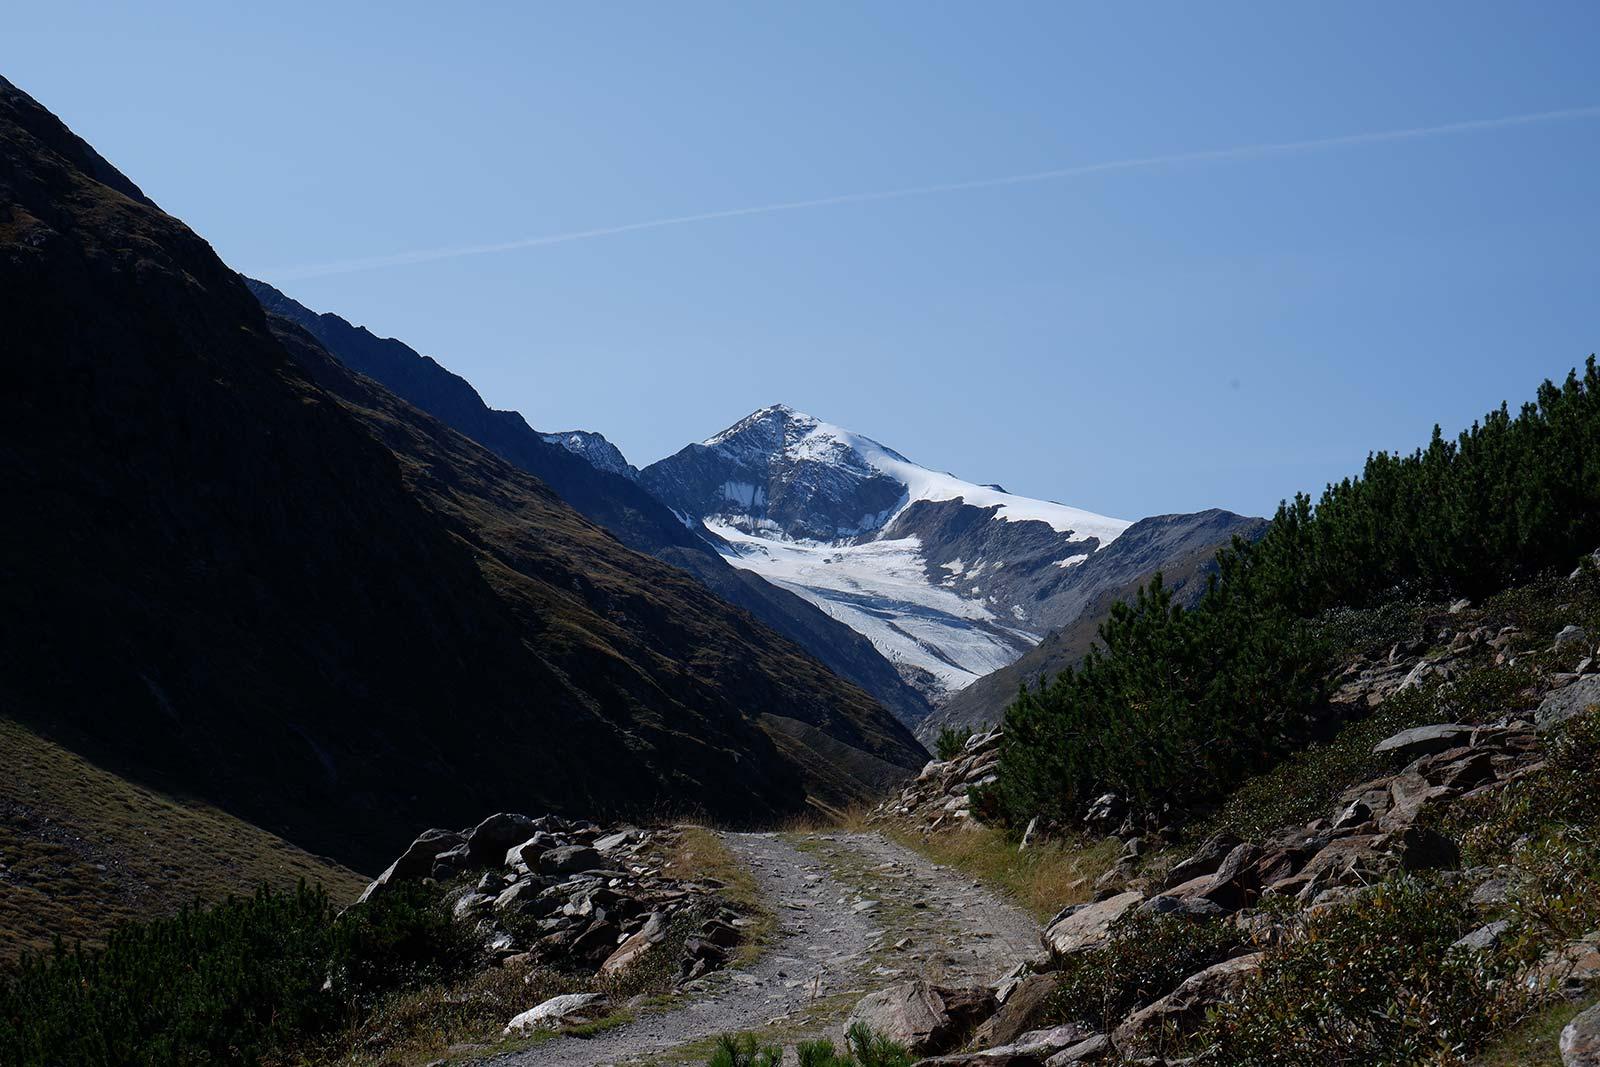 Alpine Infrastruktur im Hochgebirge | LO.LA Alpine Safety Management